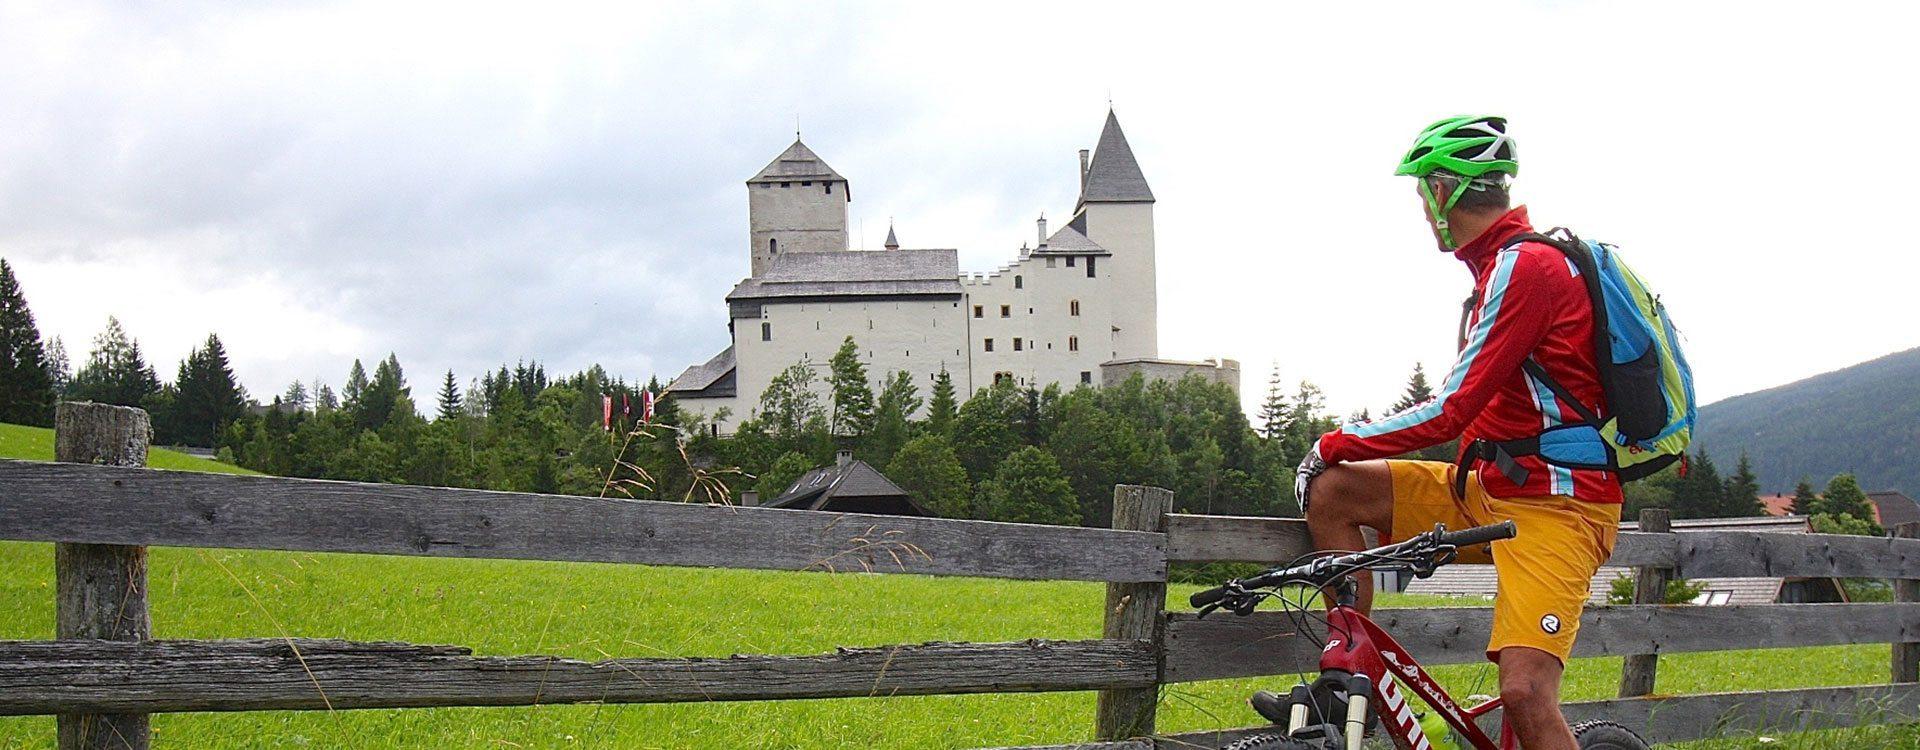 Biken im Sommerurlaub in Mauterndorf, Lungau